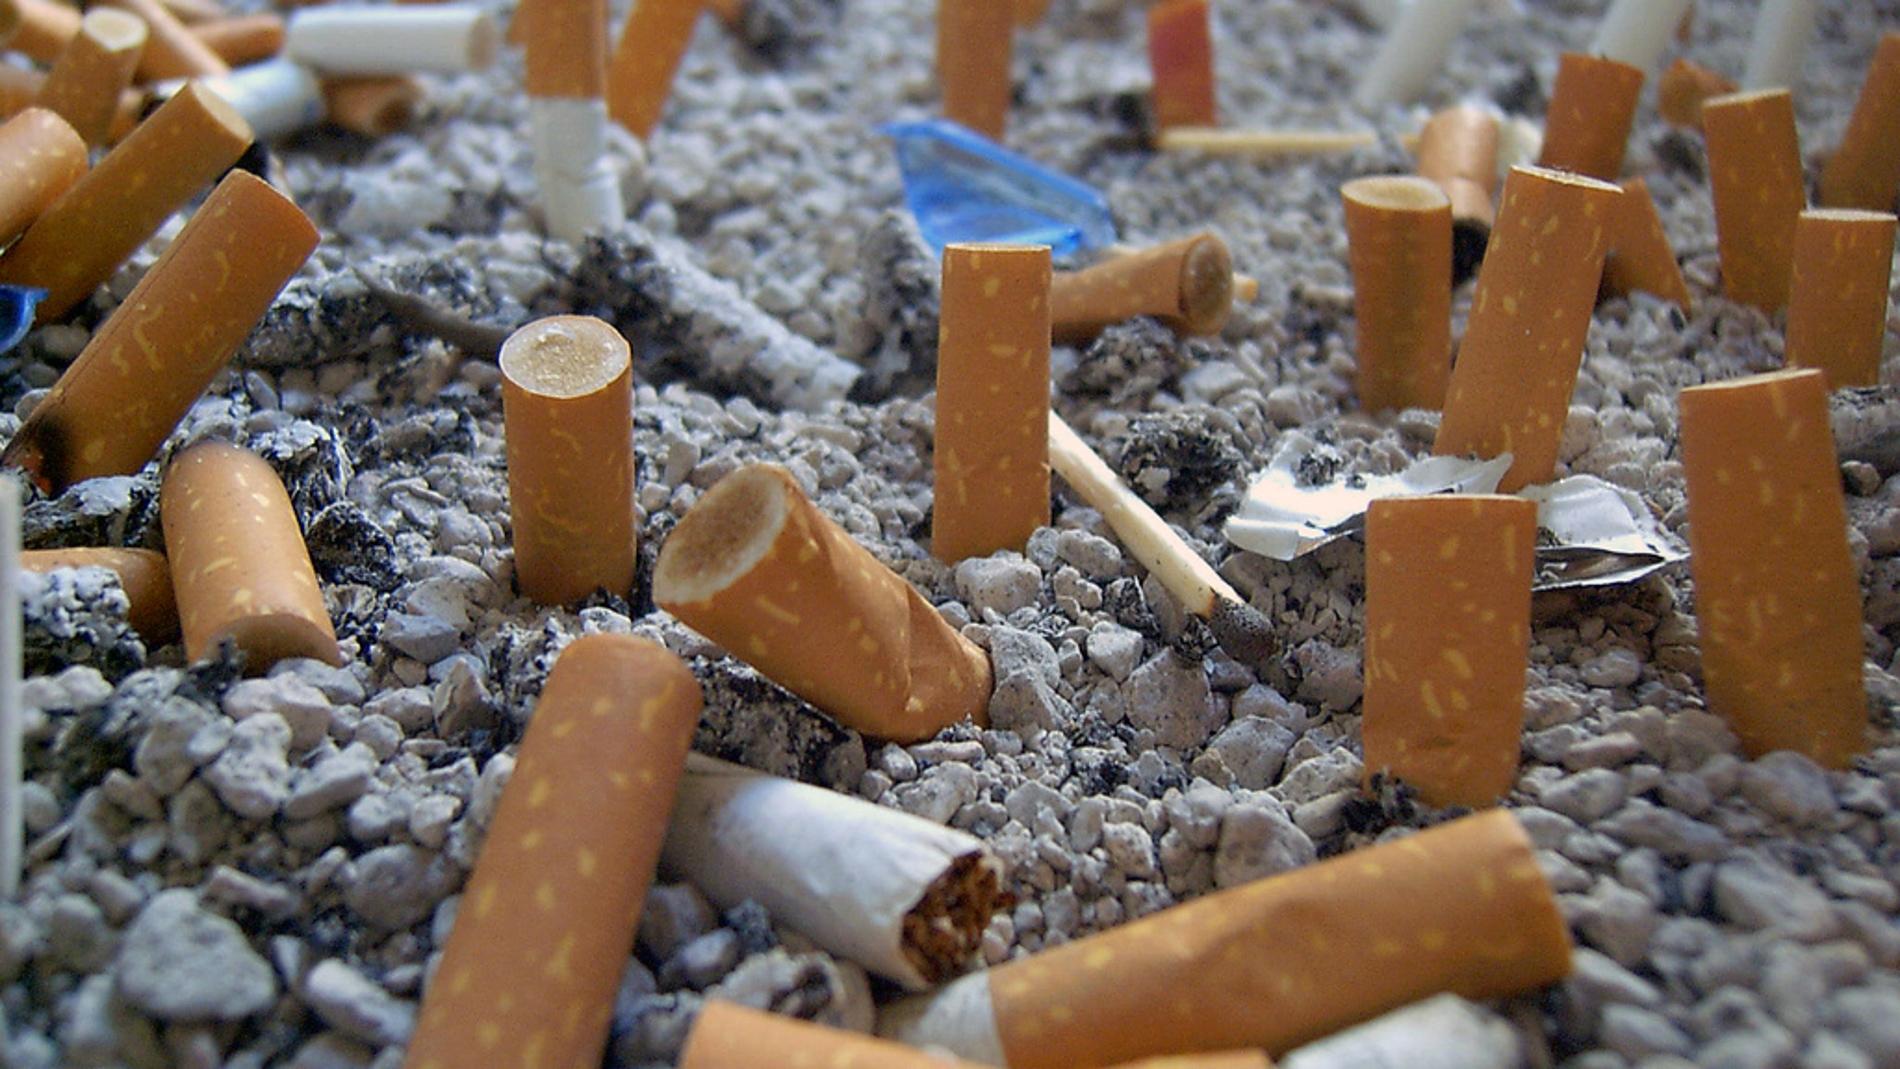 Imagen de un cenicero con multitud de cigarros apagados